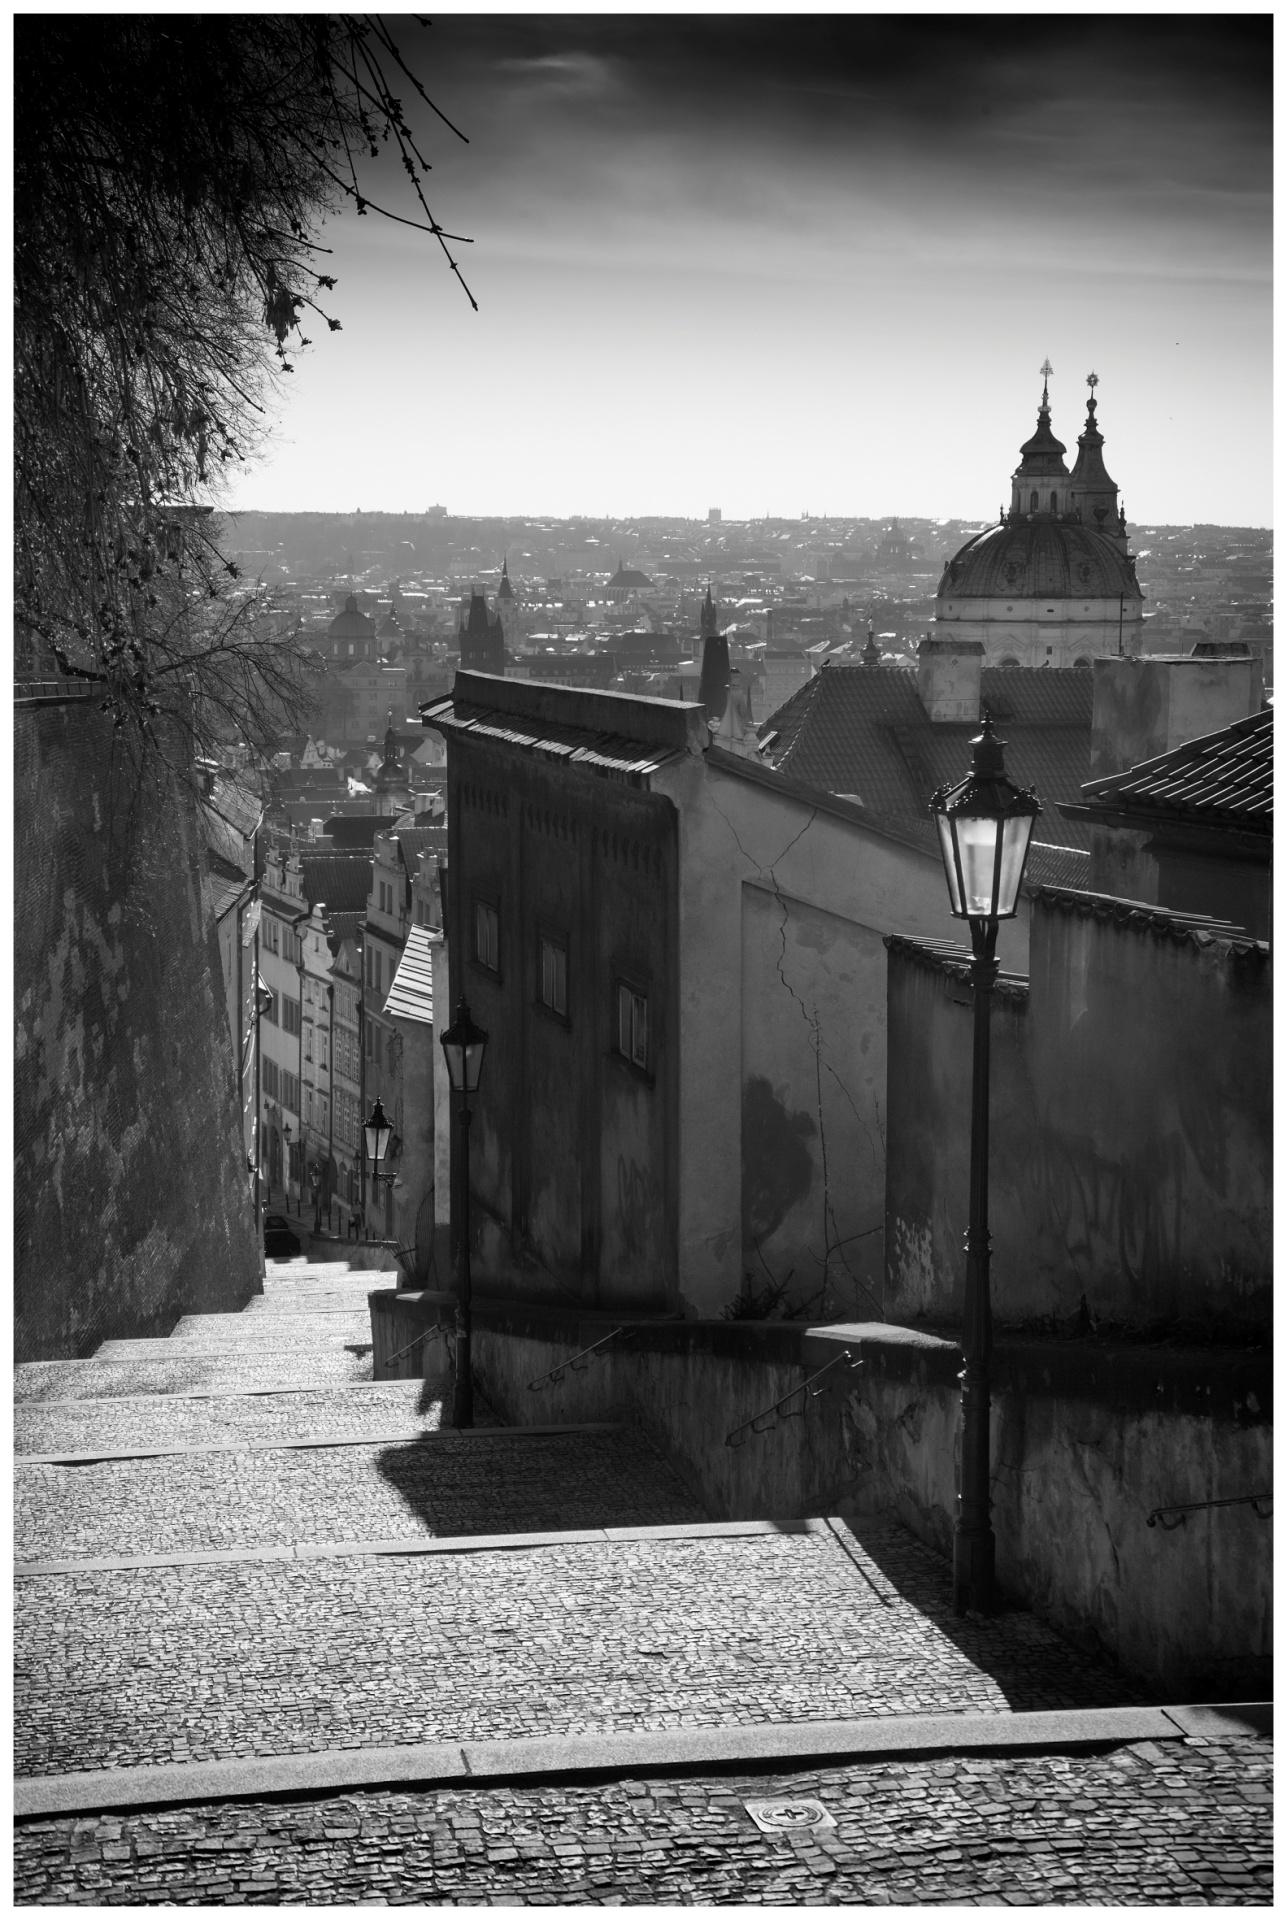 Pražské fragmenty/Prague Fragments © Stanislav Pokorný: Nové zámecké schody/New Castle Stairs